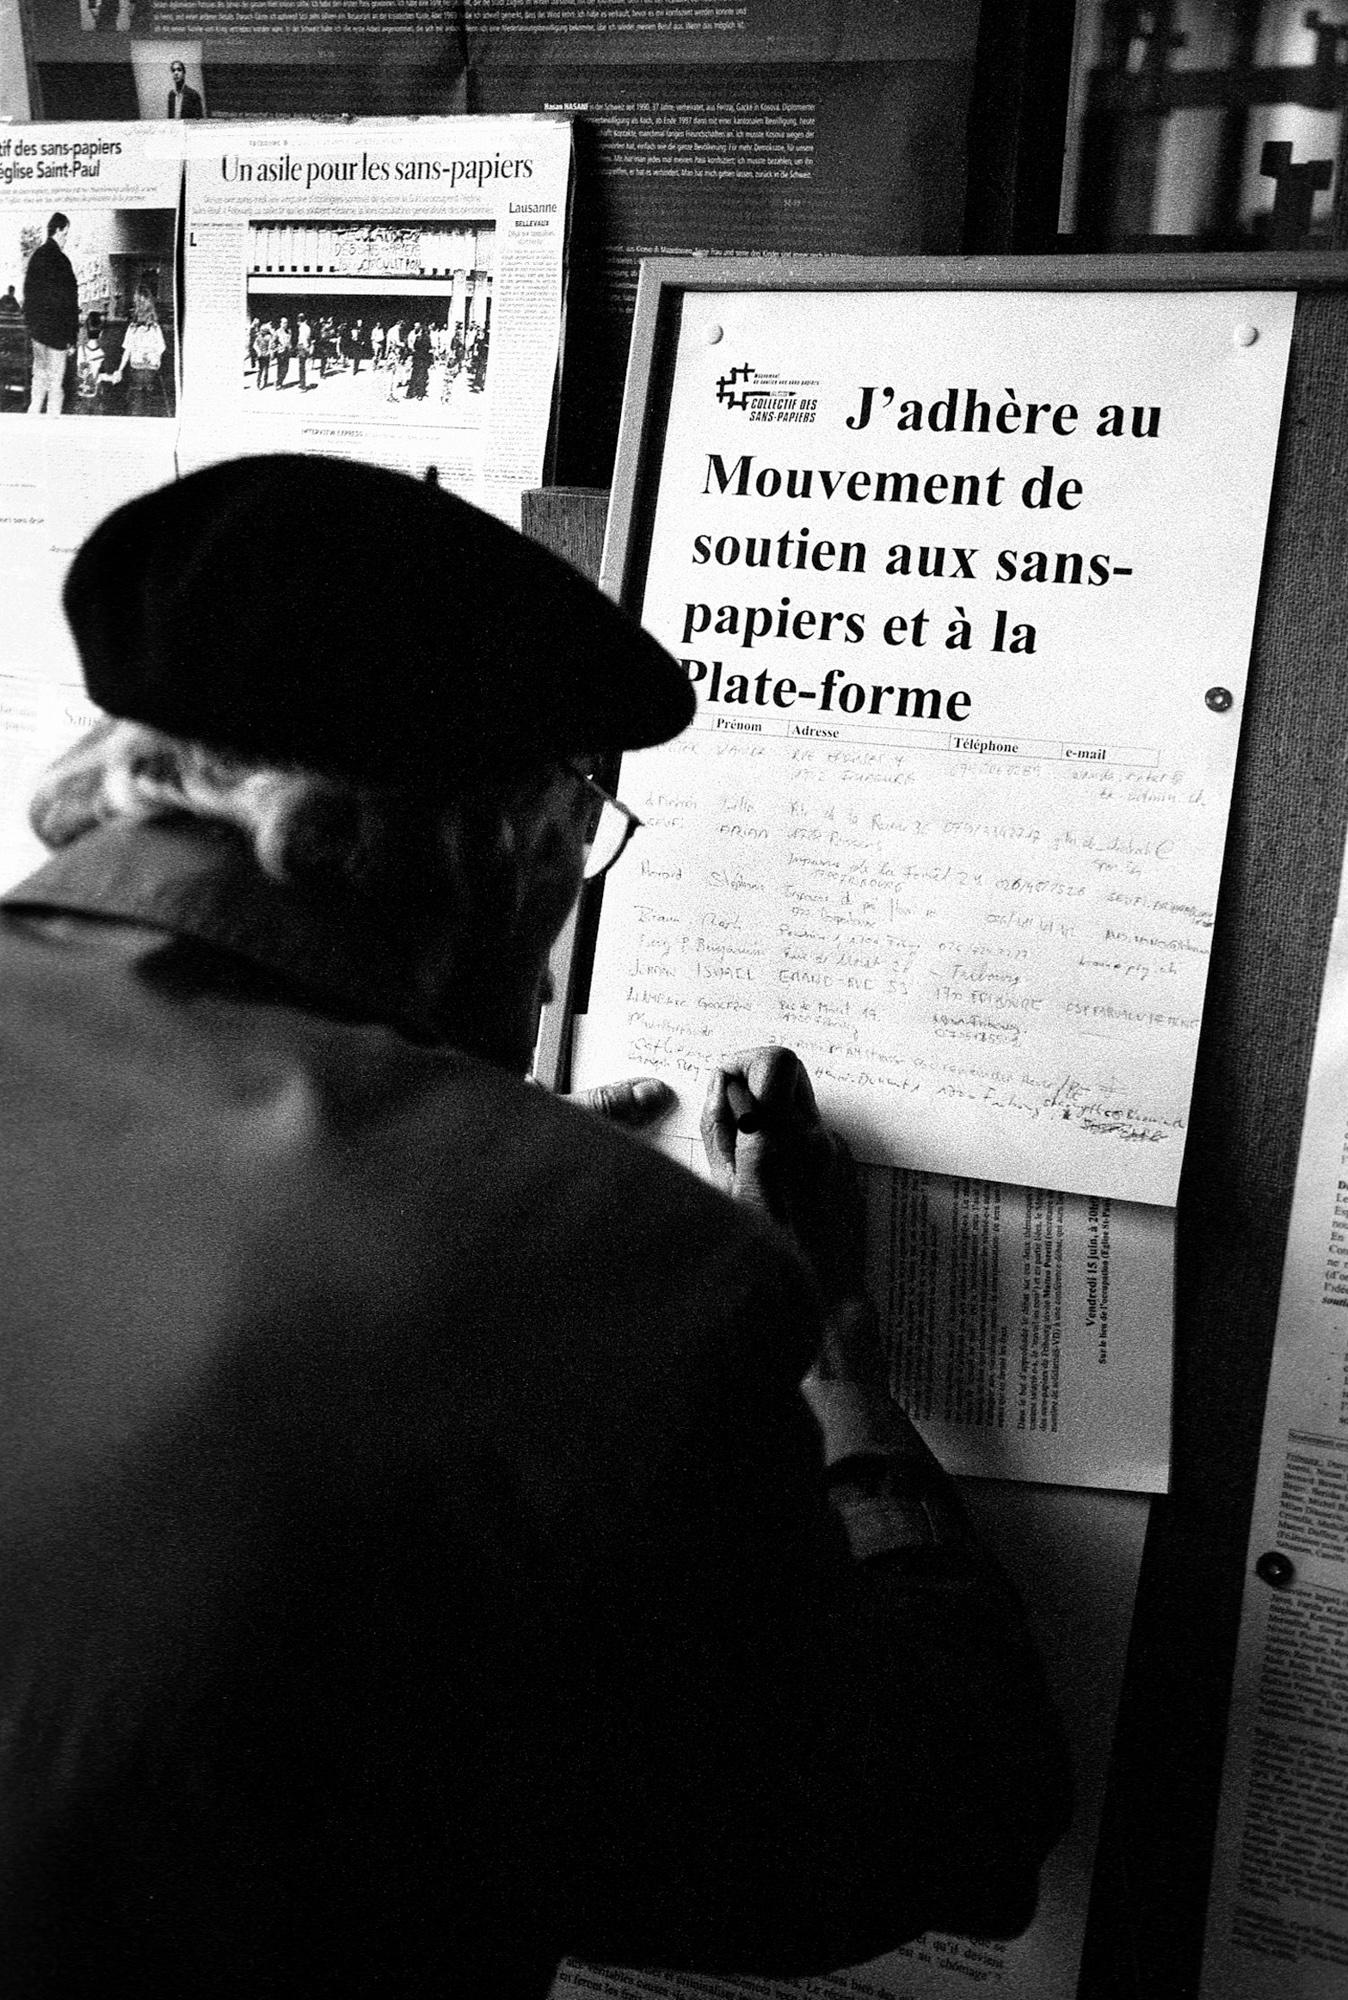 Un groupe de paroissiens de St-Paul a écrit une lettre de soutien au mouvement des sans-papiers. Le tract est distribué à la sortie d'un culte oecuménique samedi après-midi. Ici, un homme décide de signer la feuille de soutien au mouvement des sans-papiers.Fribourg, le 9 juin 2001.